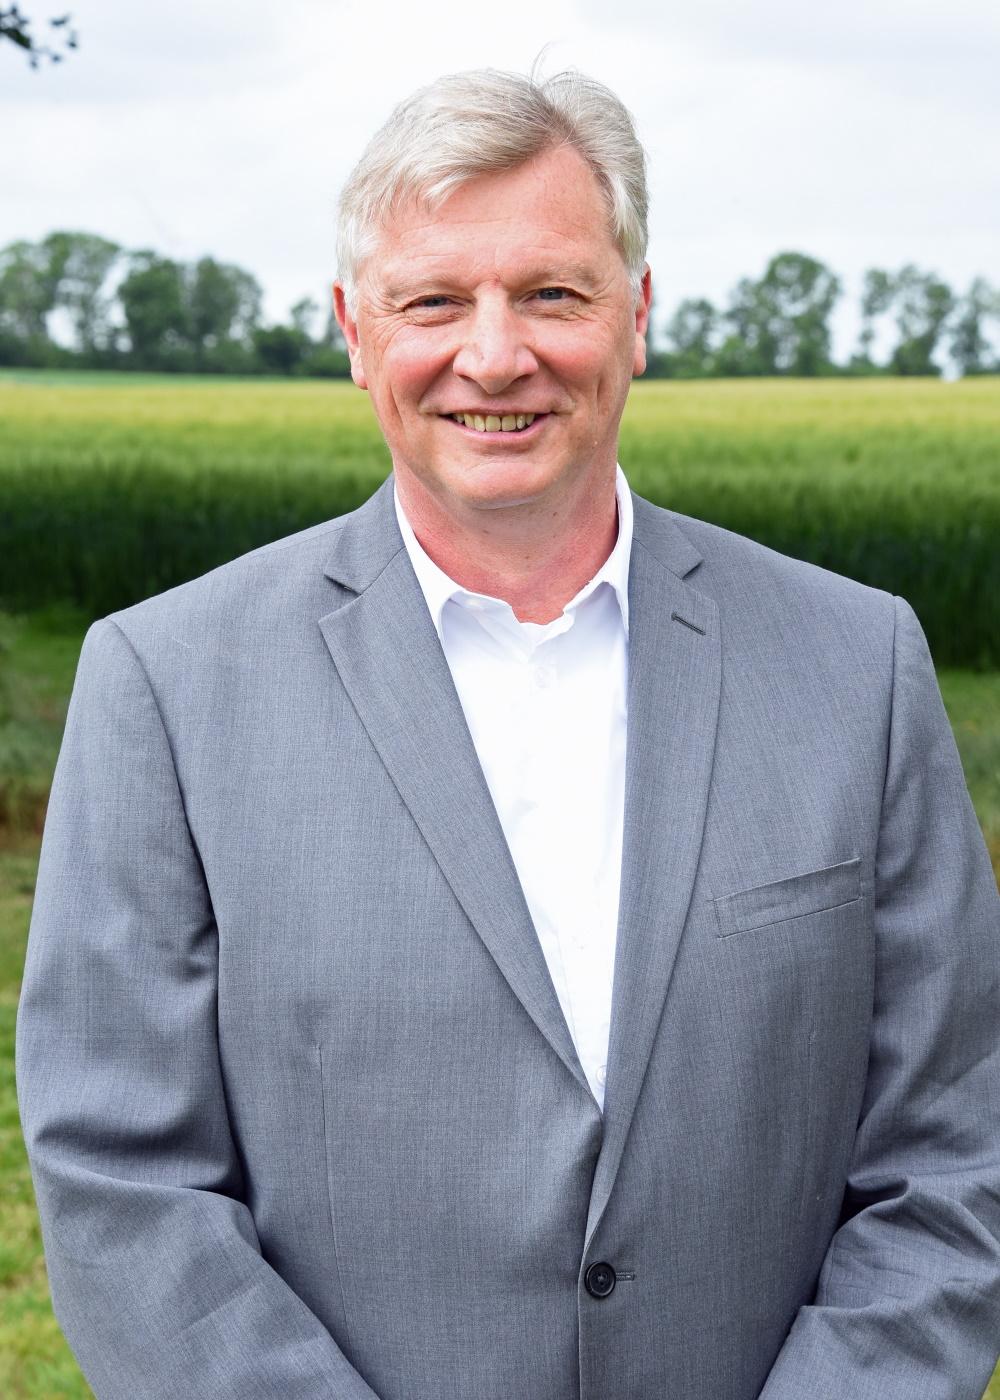 Abbildung von Clemens Roßbach